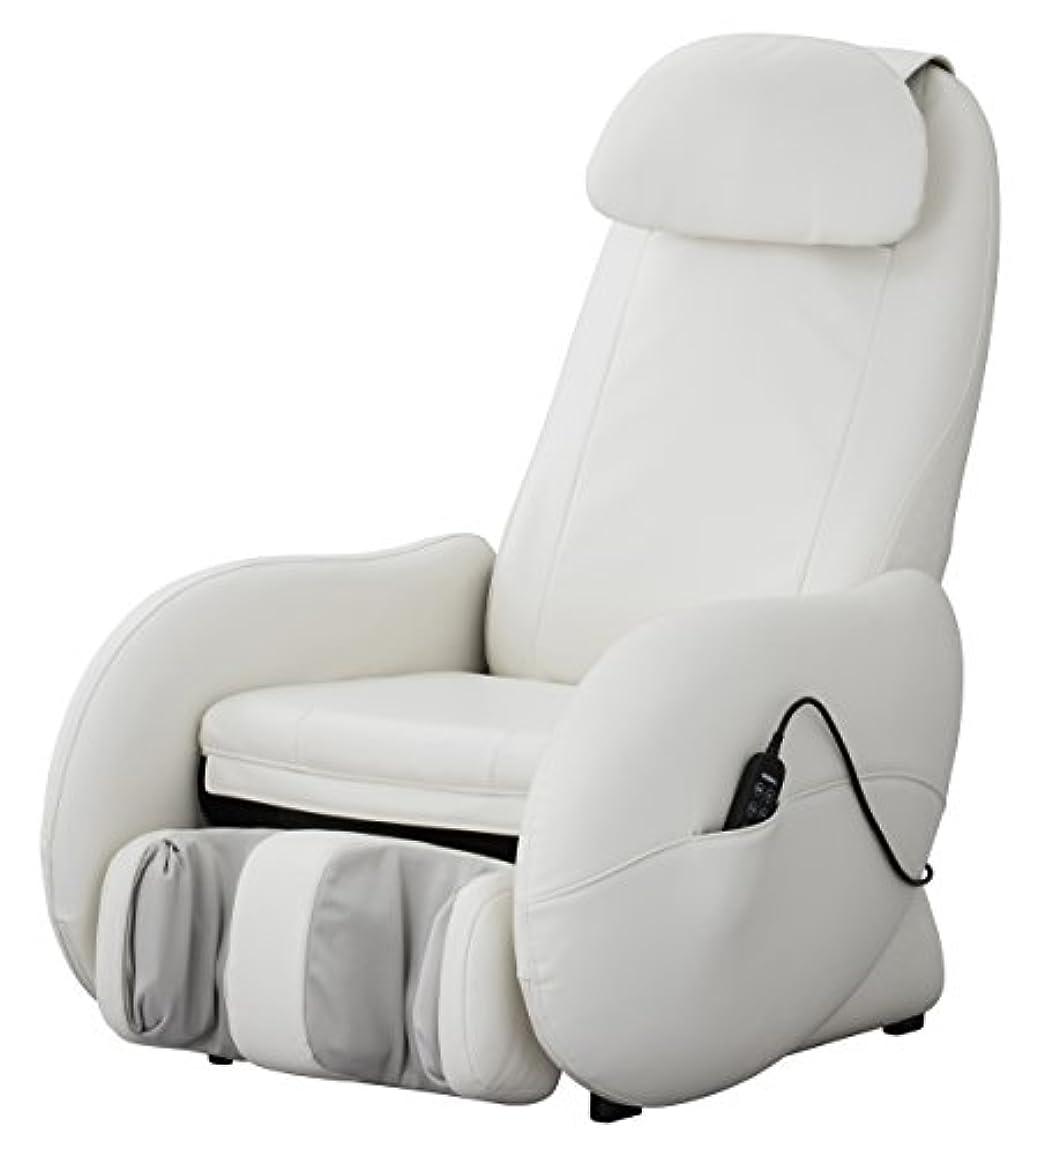 冷蔵する定期的にギャンブルスライヴ くつろぎ指定席Light マッサージチェア CHD-3500-WH ホワイト 正規品 おしゃれ コンパクト 小型